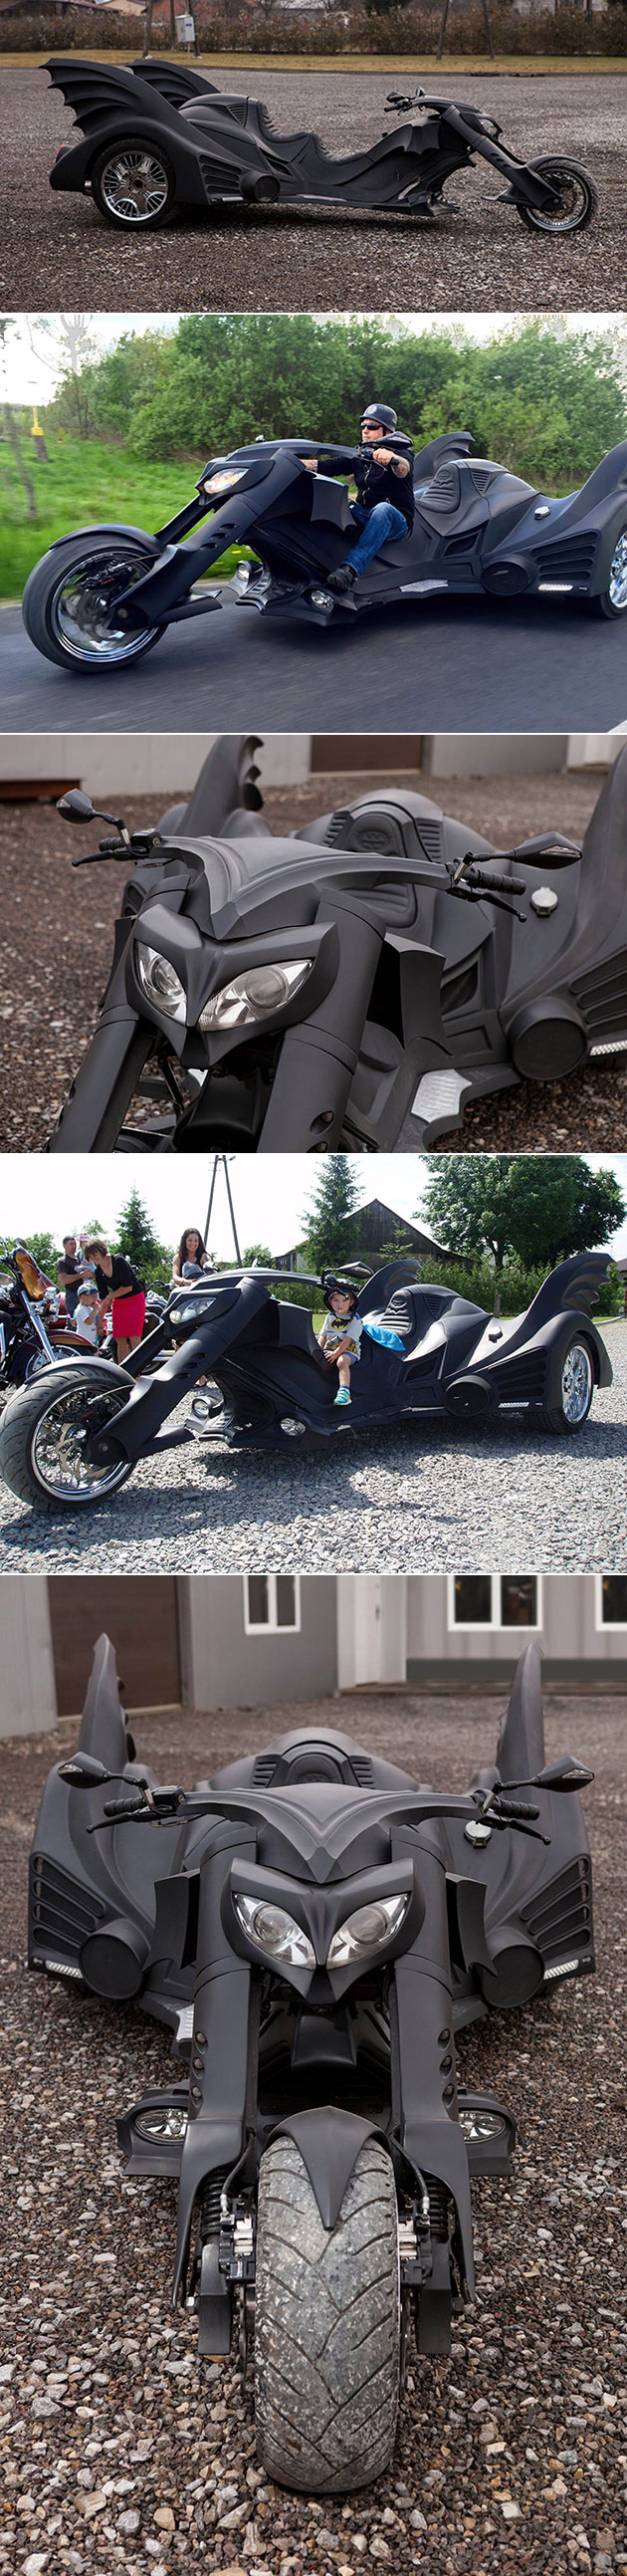 Batmobile-motorcycle